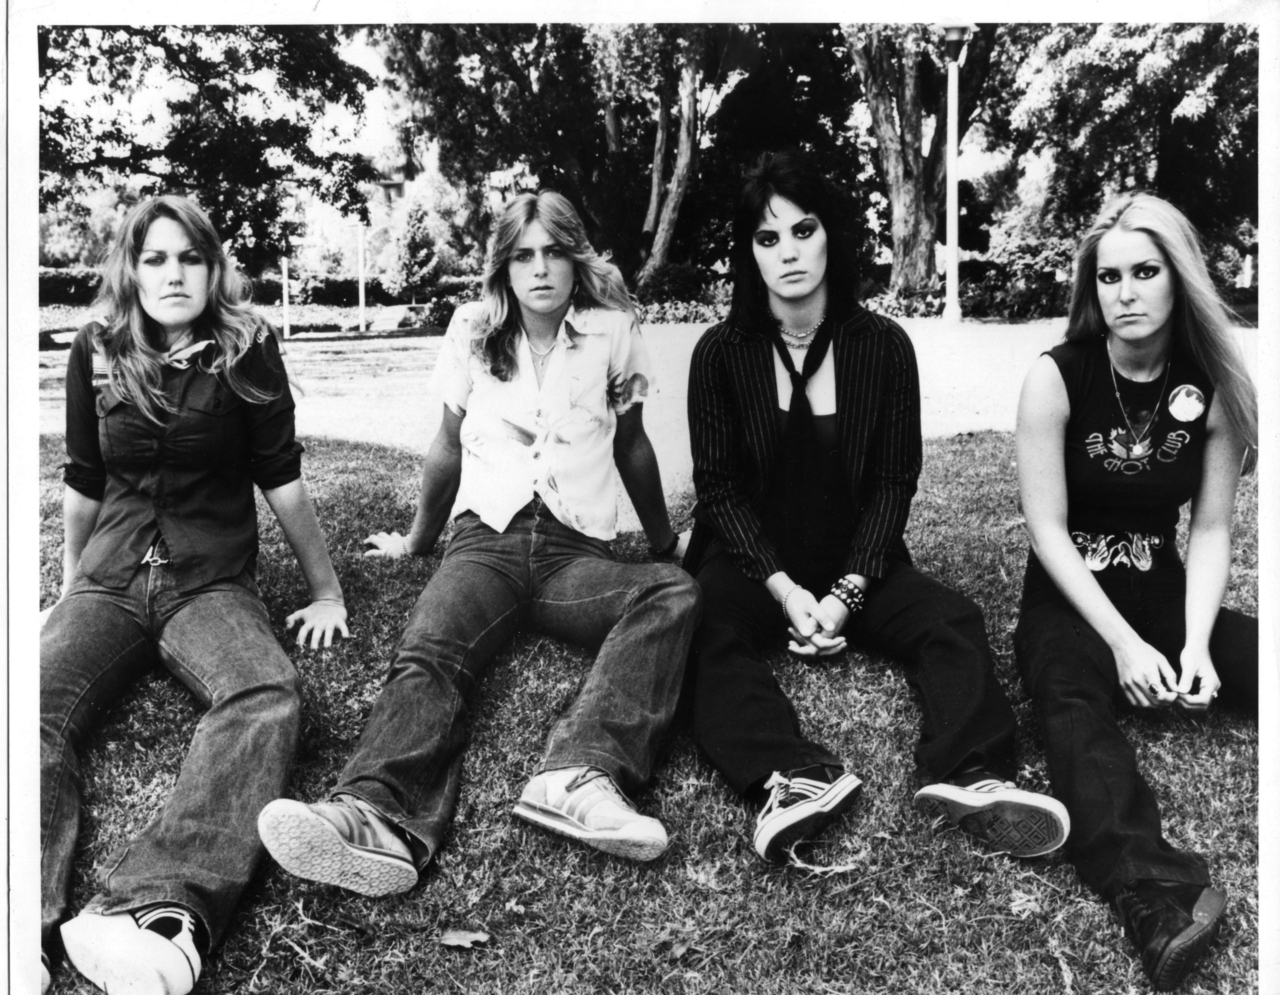 'School Days' by The Runaways